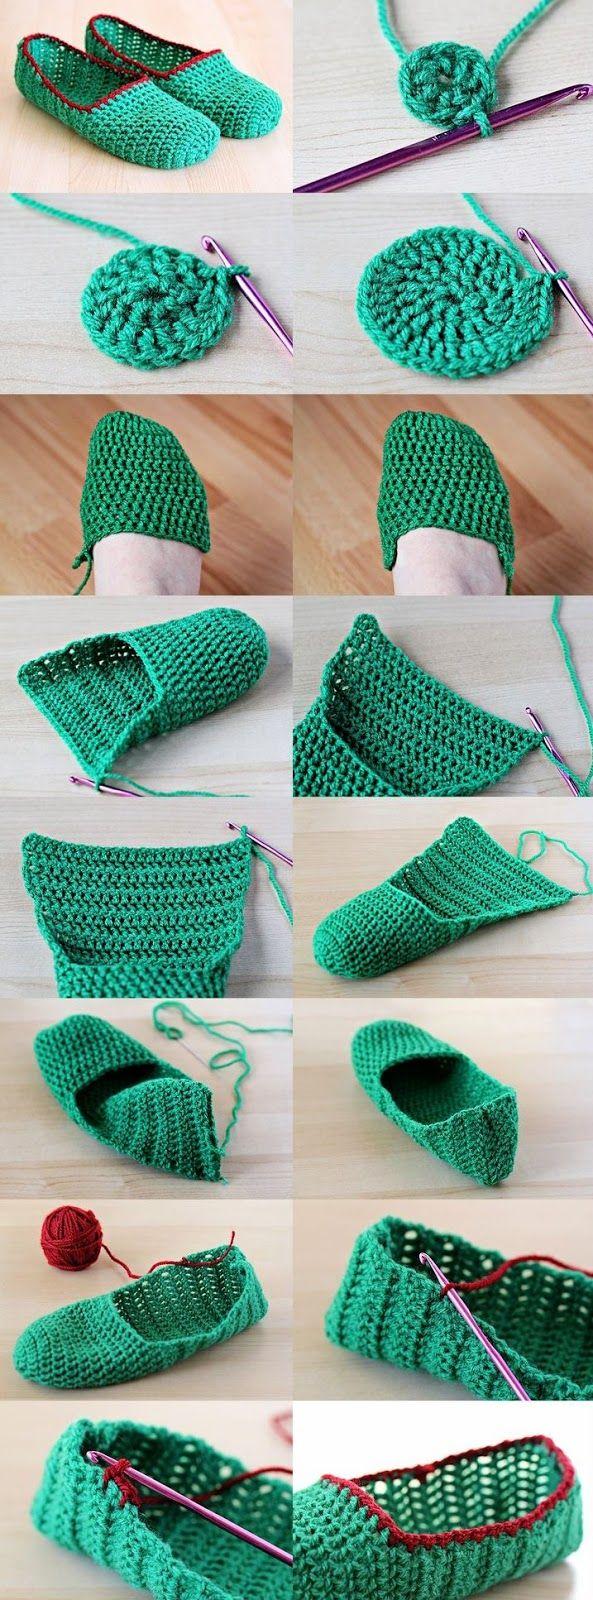 Bailarinas Zapatillas de Crochet Tutorial - Patrones Crochet ...